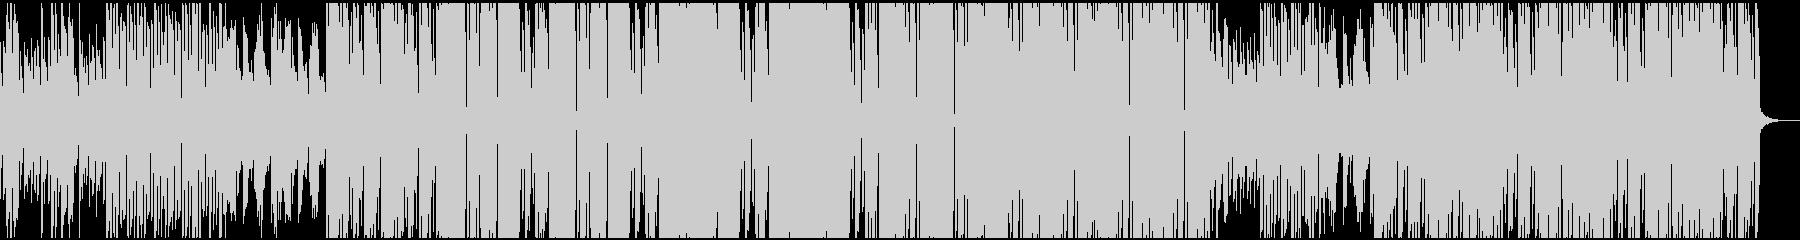 穏やかに動き出す様子(テクノサウンド)の未再生の波形